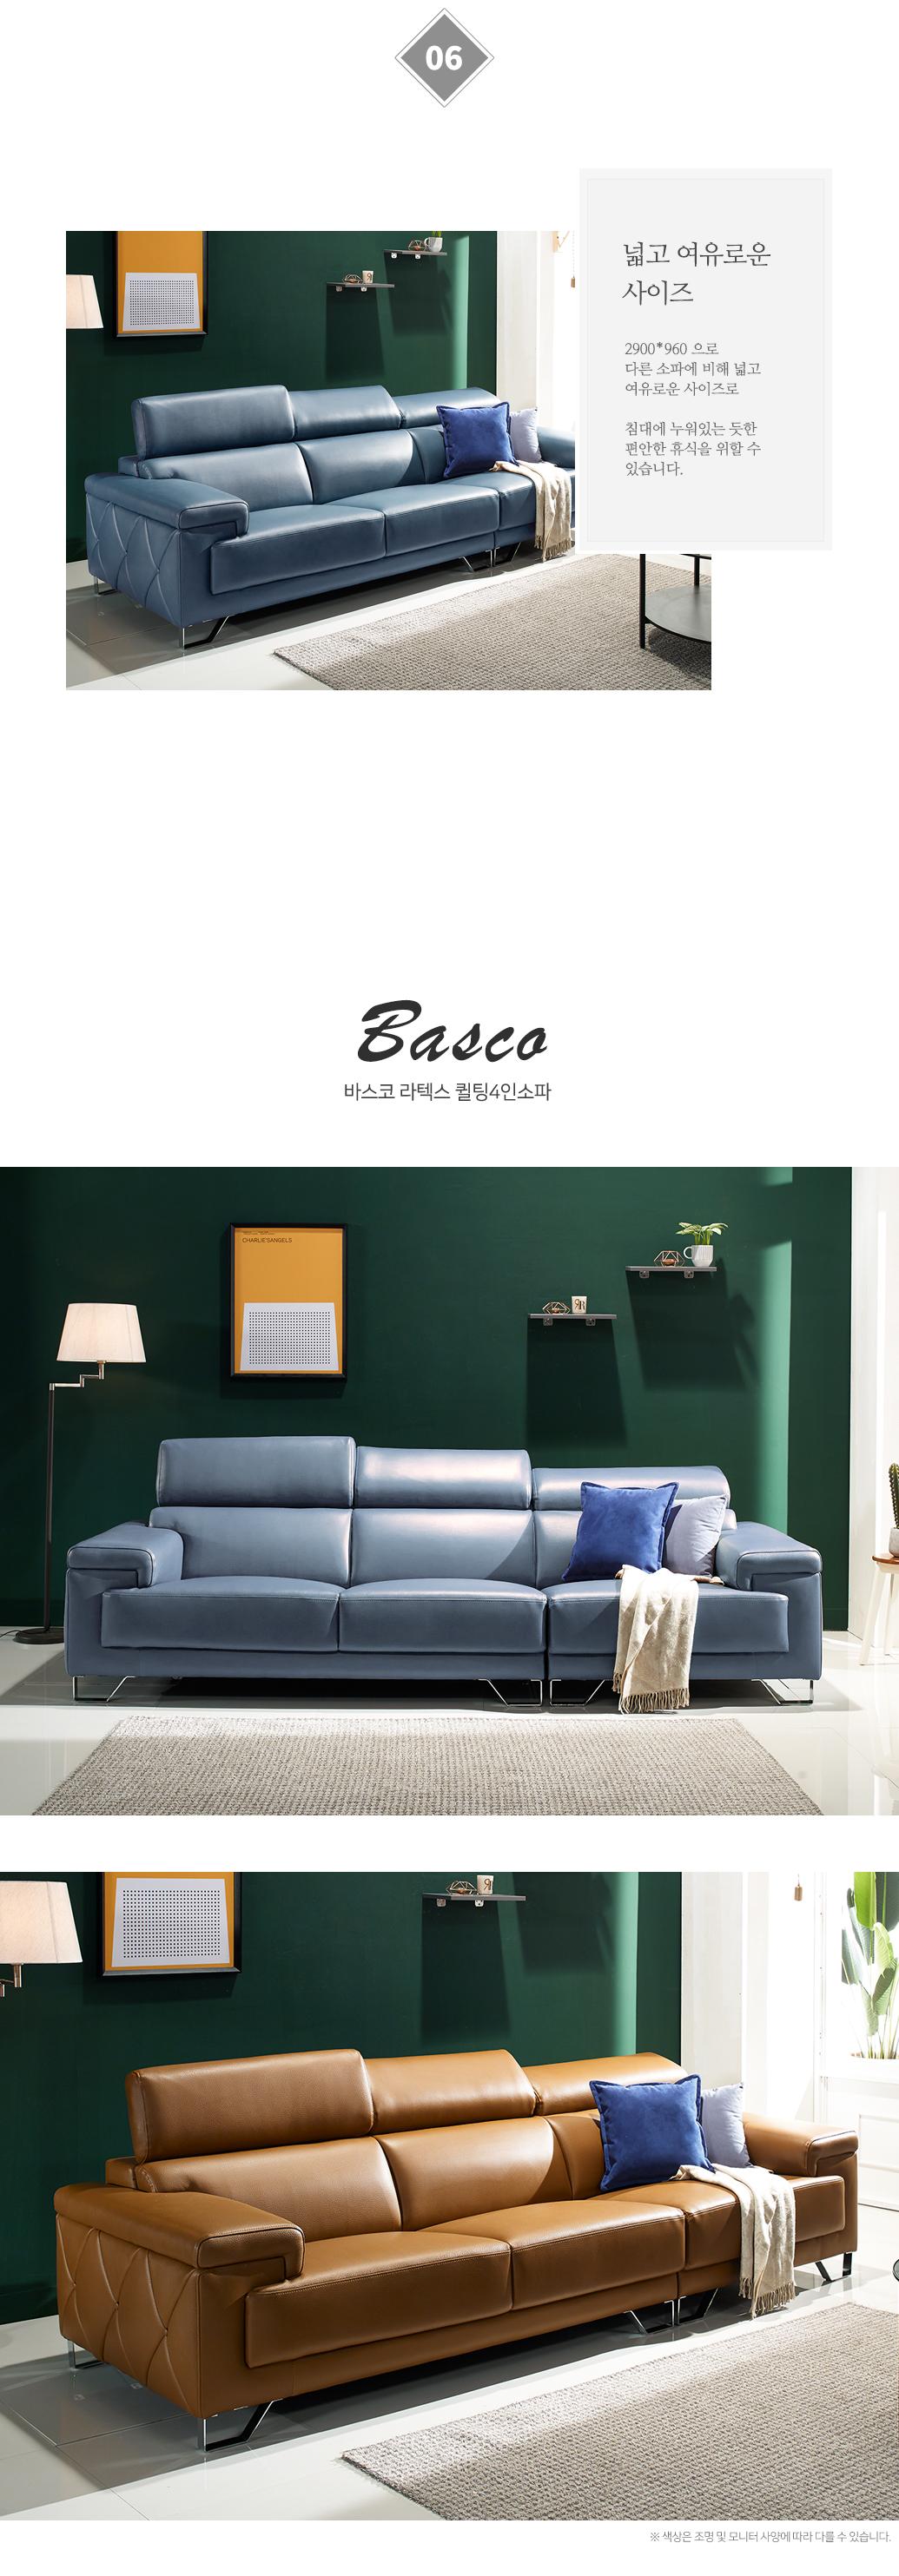 basco4_07.jpg